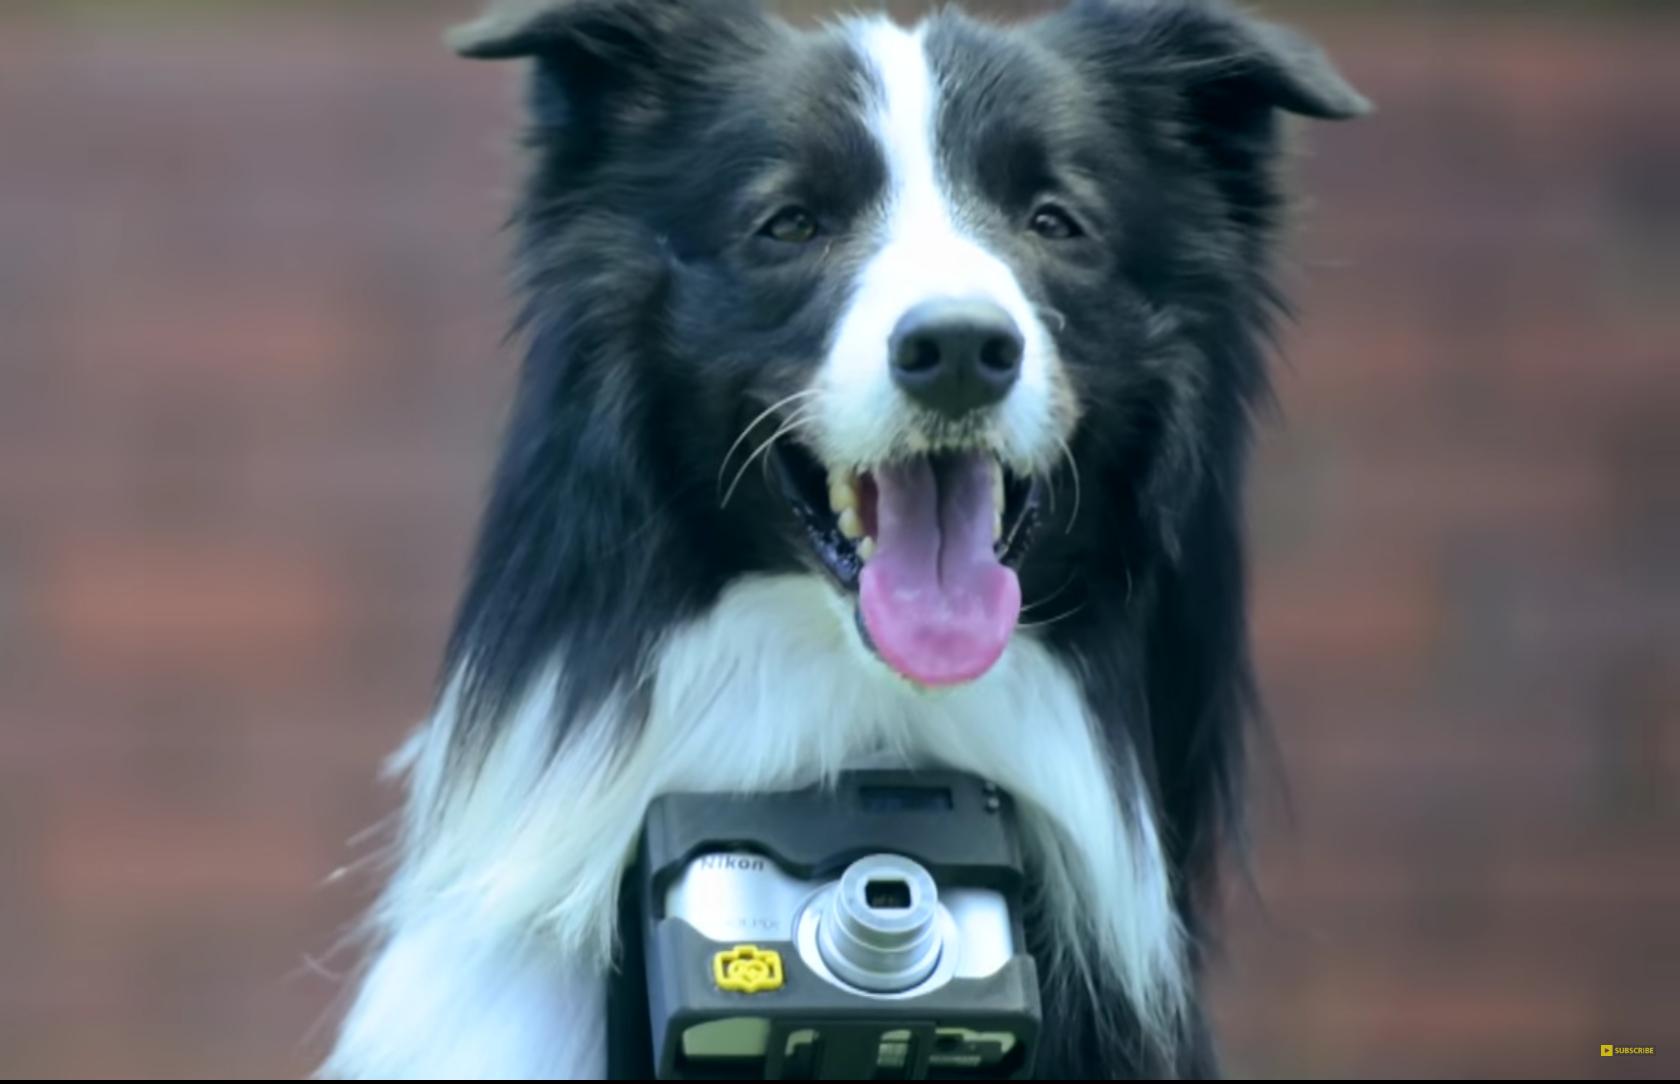 Gracias a Heartography existe el primer fotógrafo canino que toma fotos con su corazón